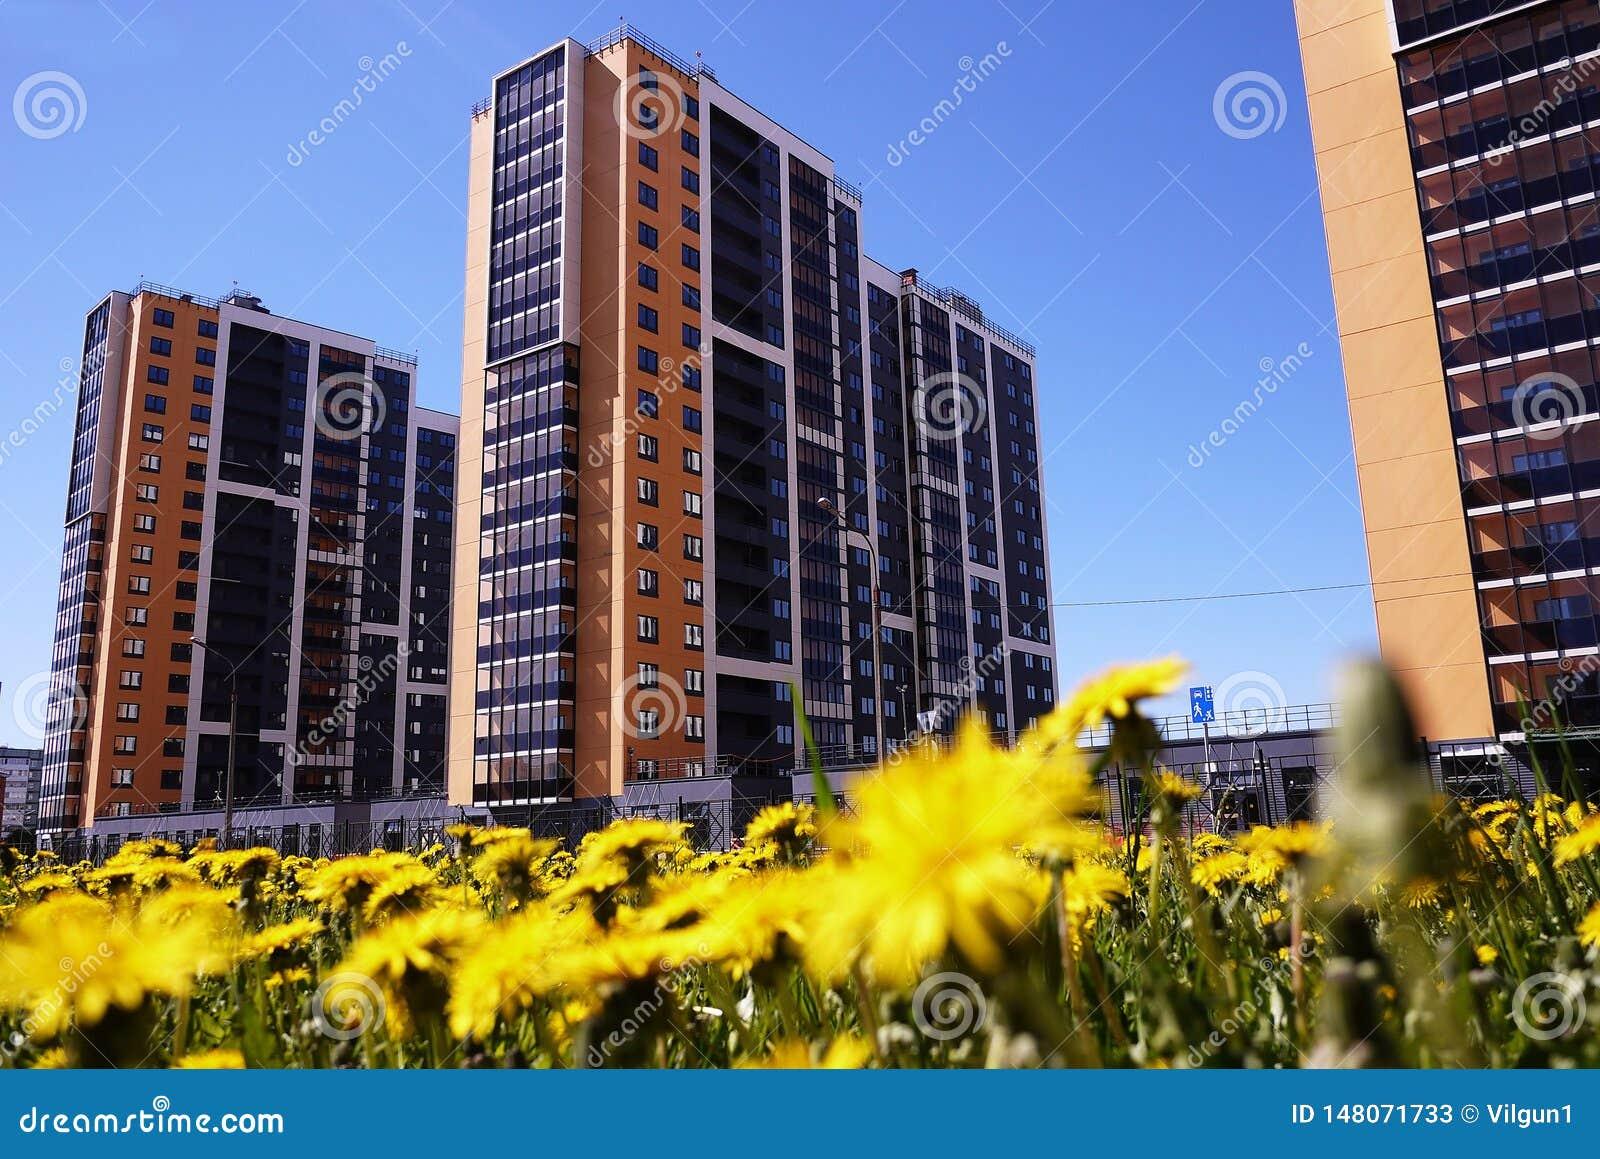 Sch?nes Hochhaushaus Appartement-Hochhaus Details der Glasfassade Details und Nahaufnahme